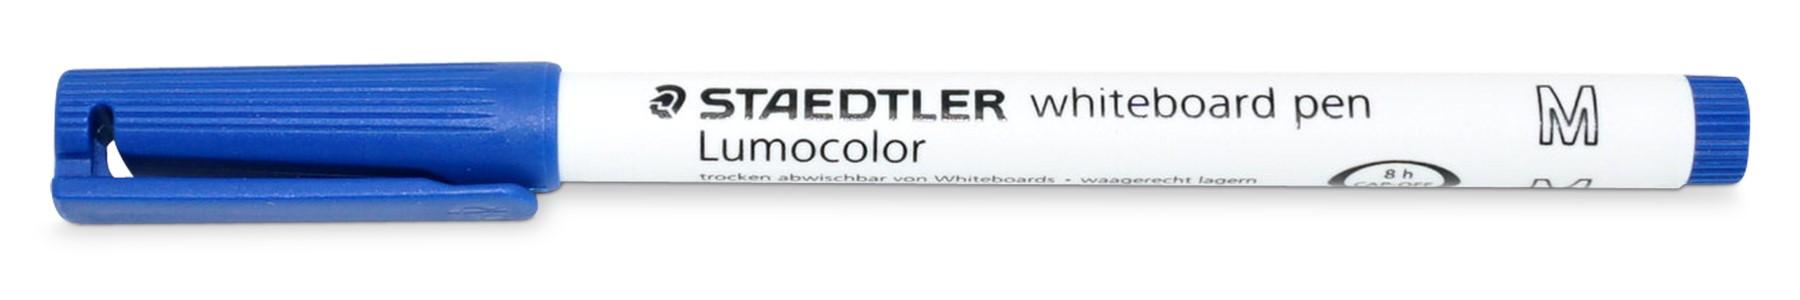 Staedtler Lumocolor Whiteboard Marker, Strichbreite 1mm